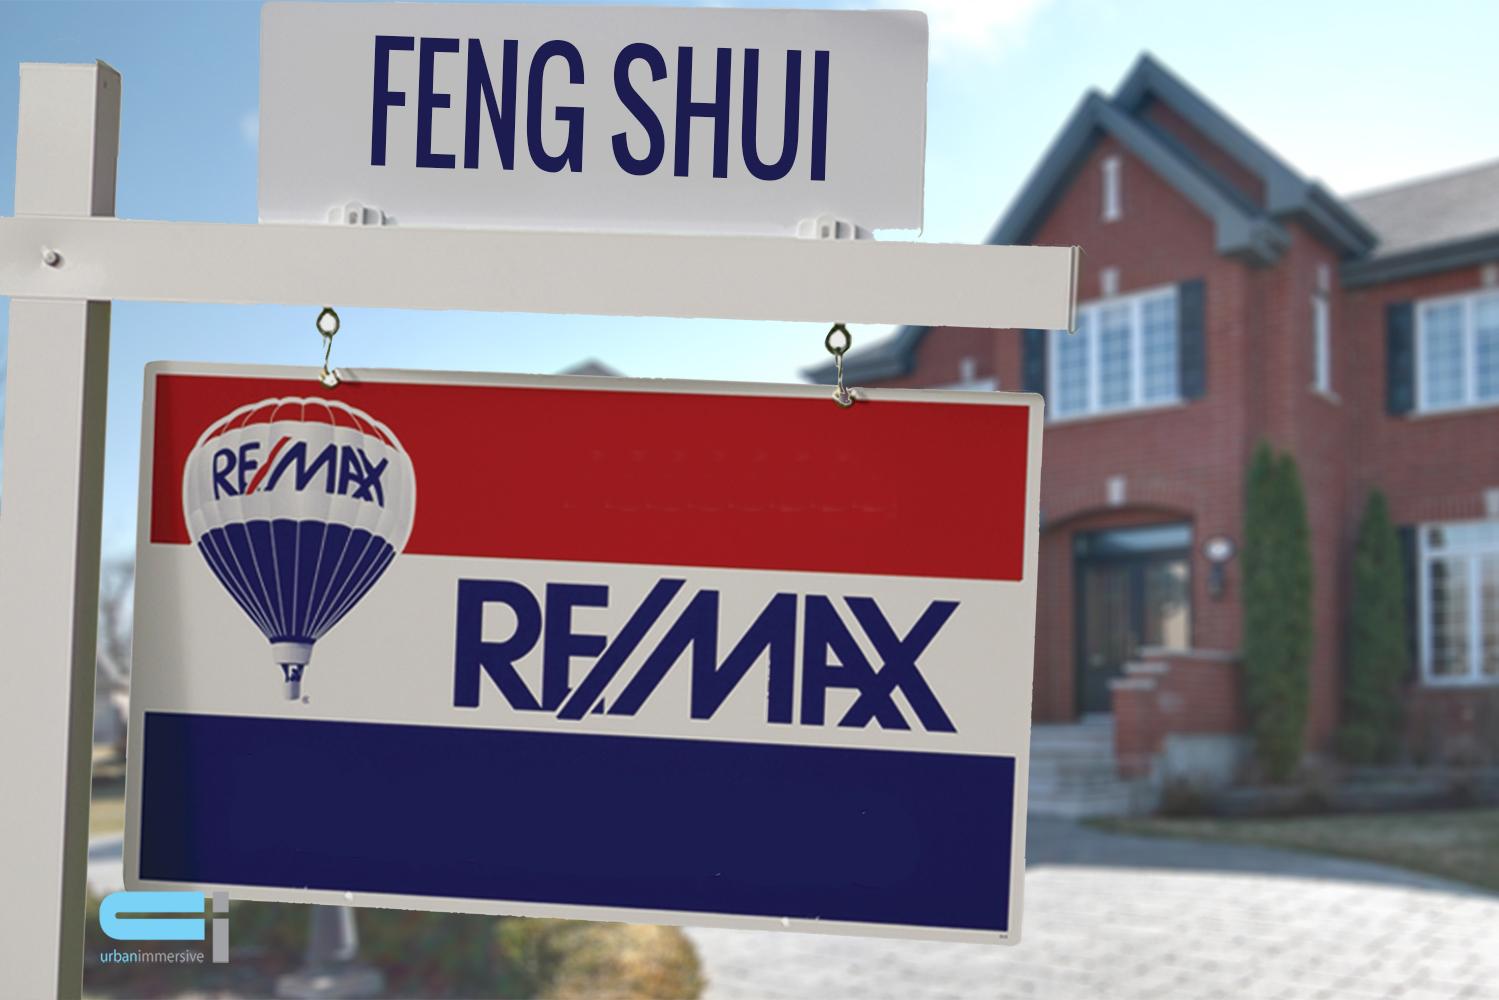 Le Feng Shui et l'immobilier : des chiffres qui vous surprendront!